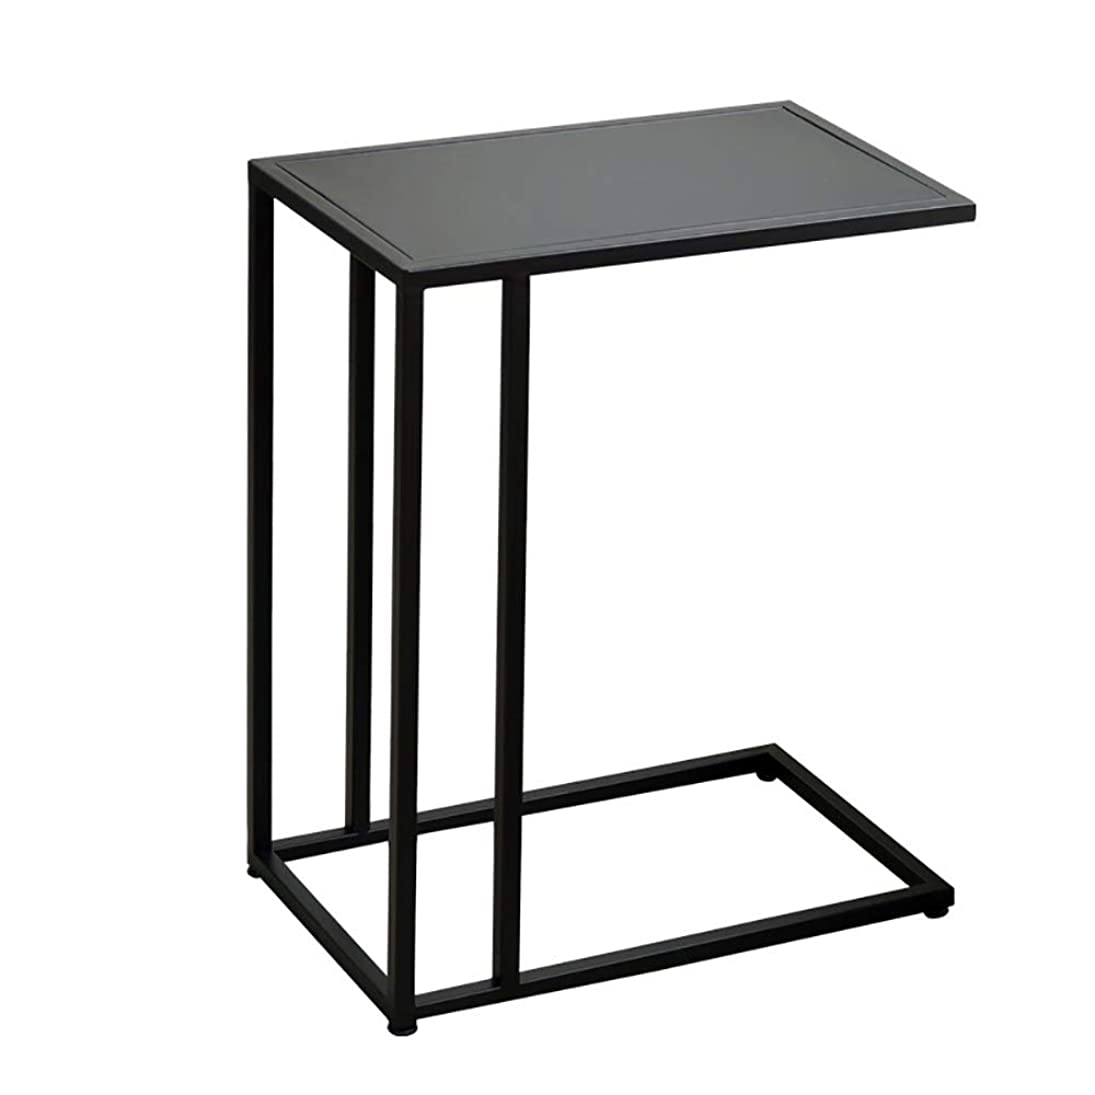 退化する結核管理するJTWJ 北欧の錬鉄製のミニコーヒーテーブル黒の創造的なリビングルームのソファのサイドキャビネットのベッドサイドテーブルコーナーテーブル